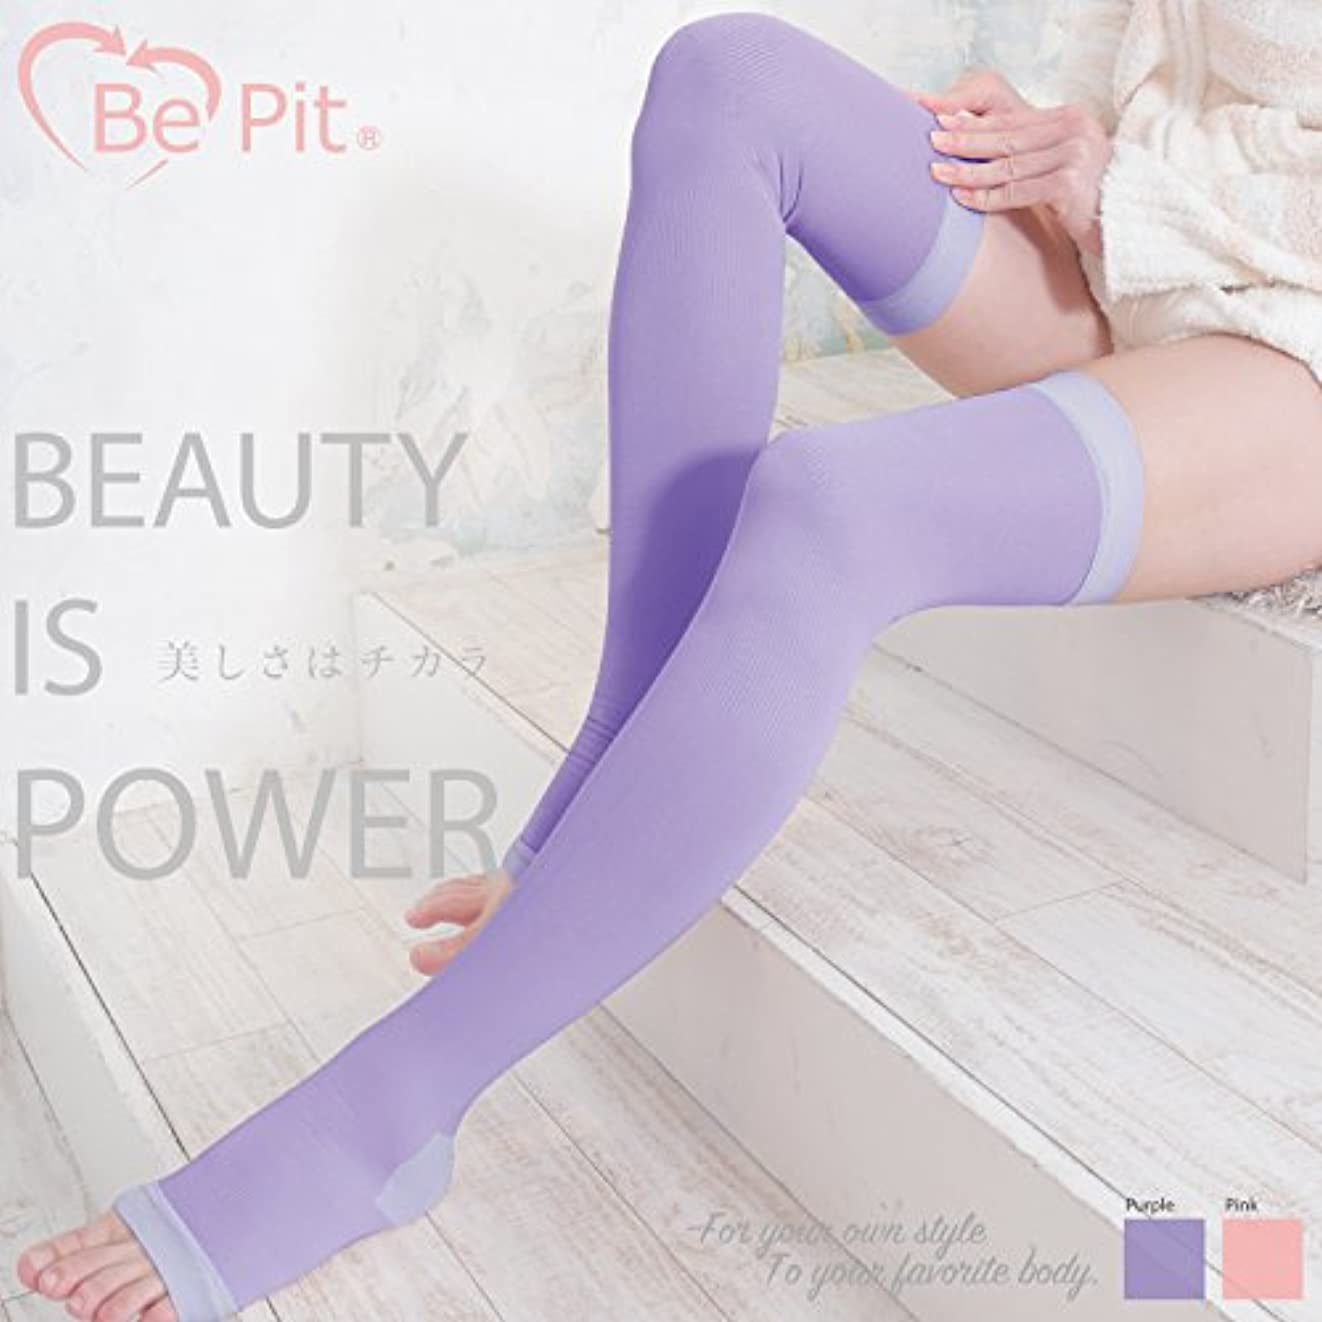 社会学紫の本物の美ピット 着圧ソックス 5段階圧力 引き締め ロング フリーサイズ パープル